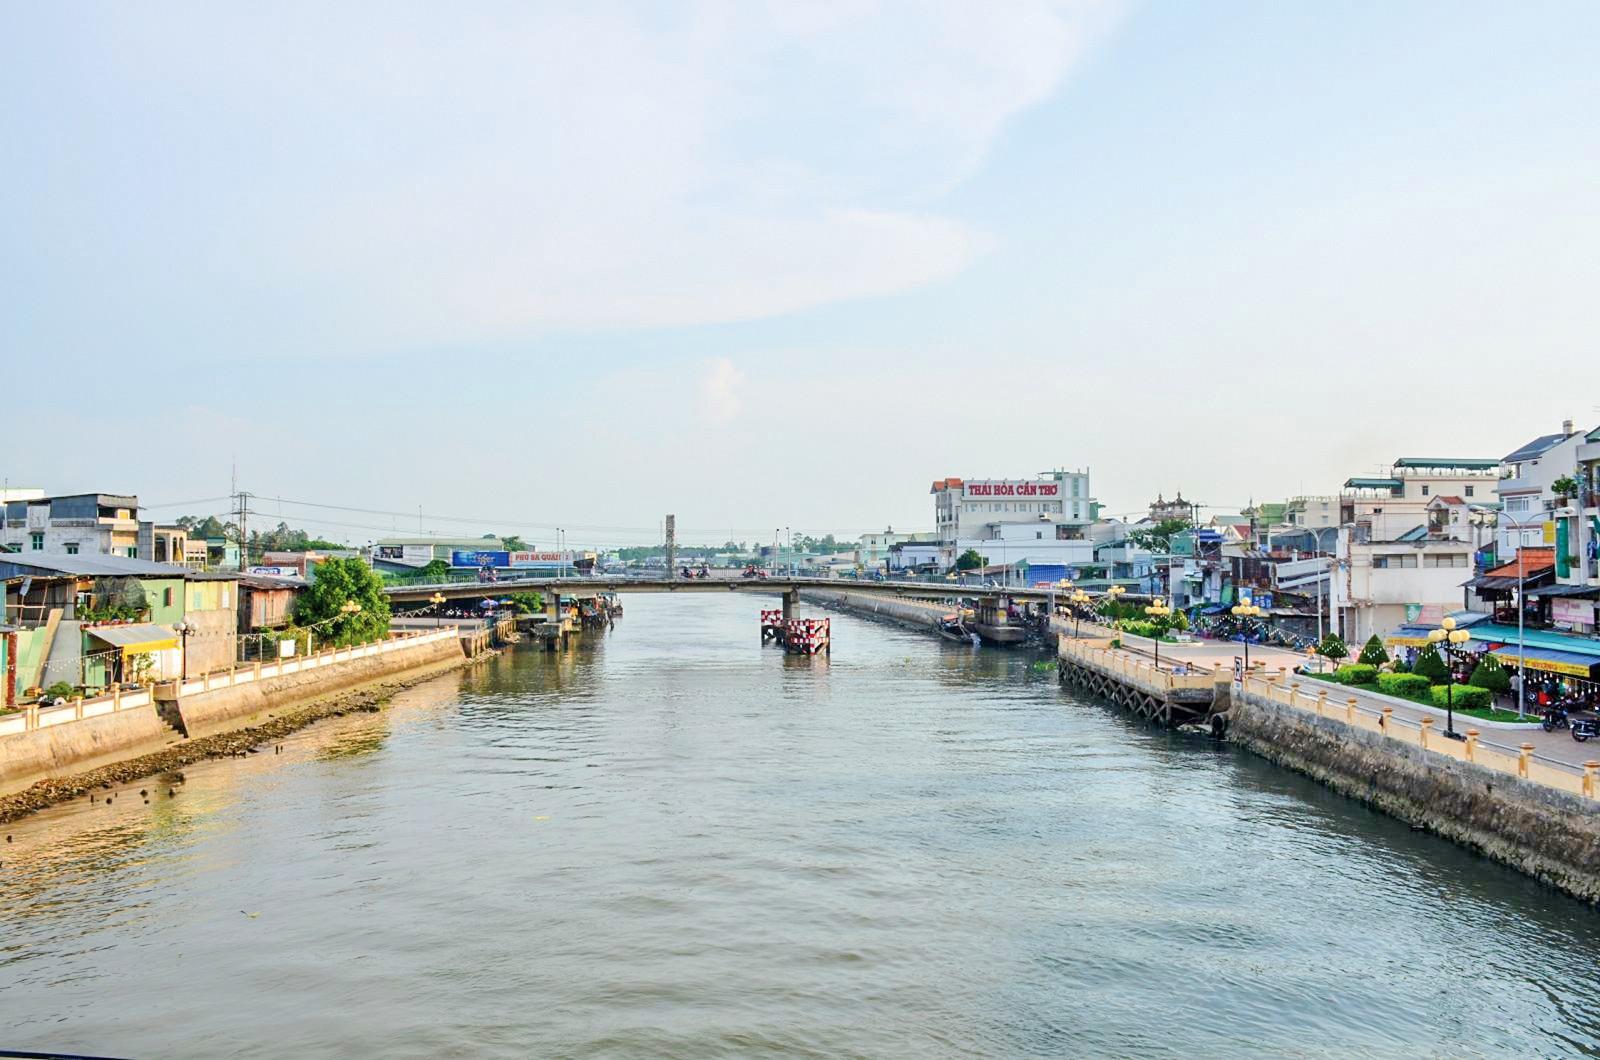 Từ nguồn kinh phí Trung ương và TP Cần Thơ kè chống sạt lở sông Thốt Nốt xây dựng hoàn thành, góp phần chỉnh trang đô thị và ứng phó sạt lở. Ảnh: B.V